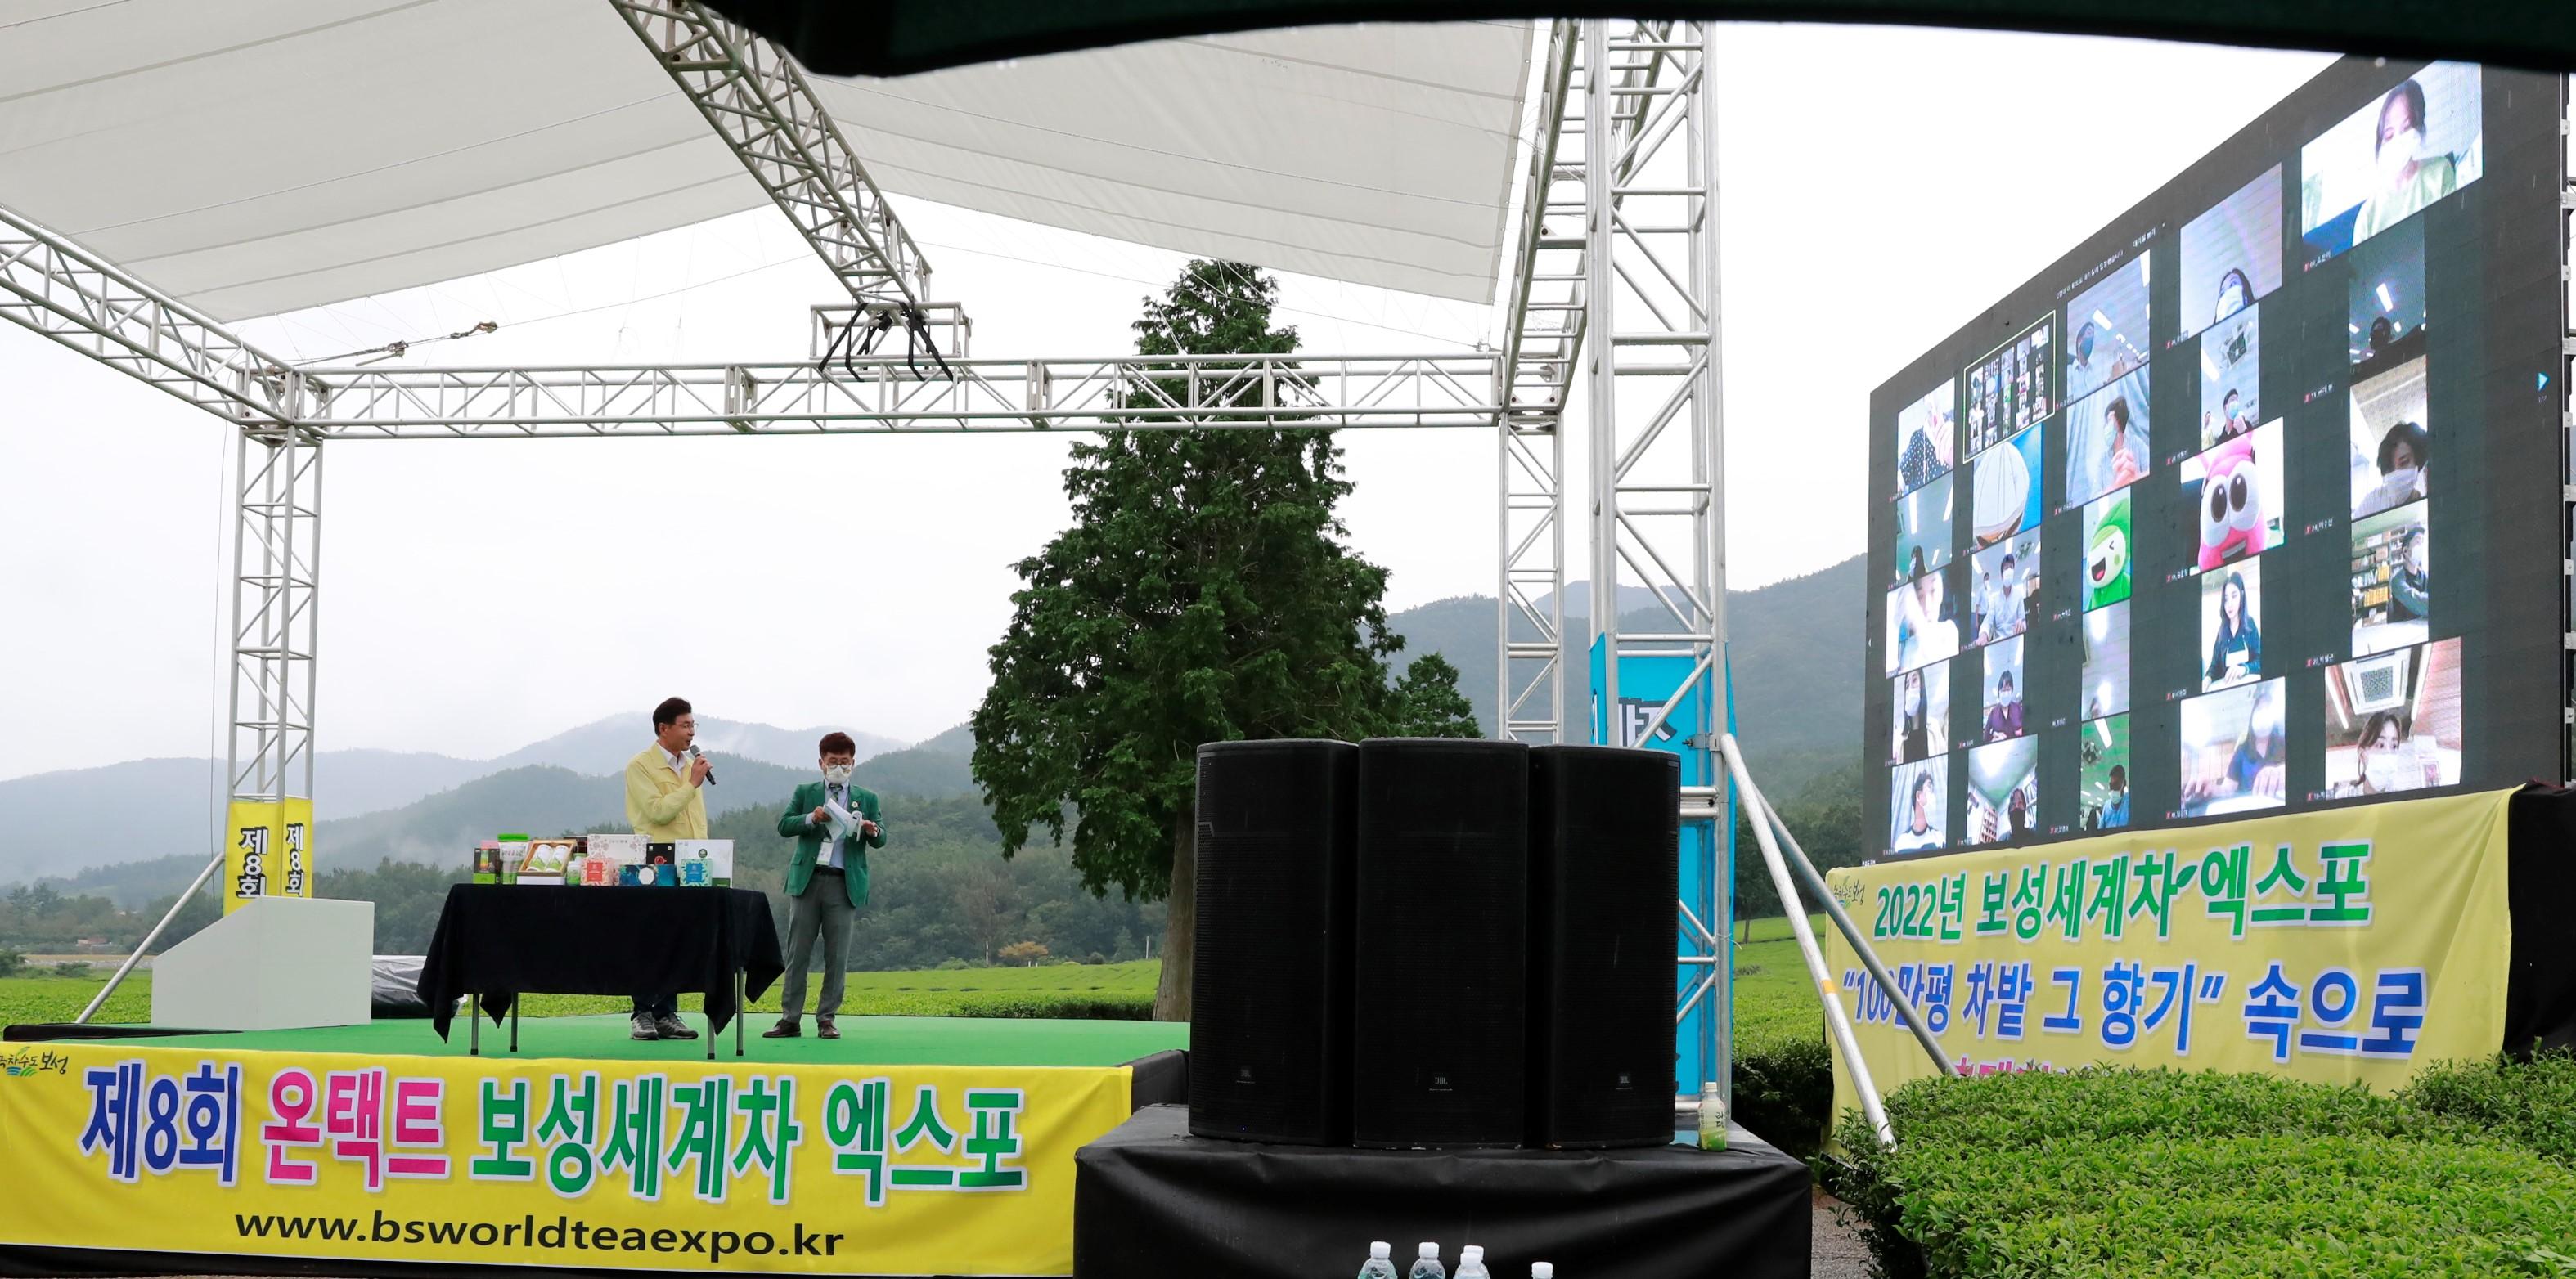 보성세계차엑스포 개막… 류지광·추가열 차밭 힐링 토크 콘서트